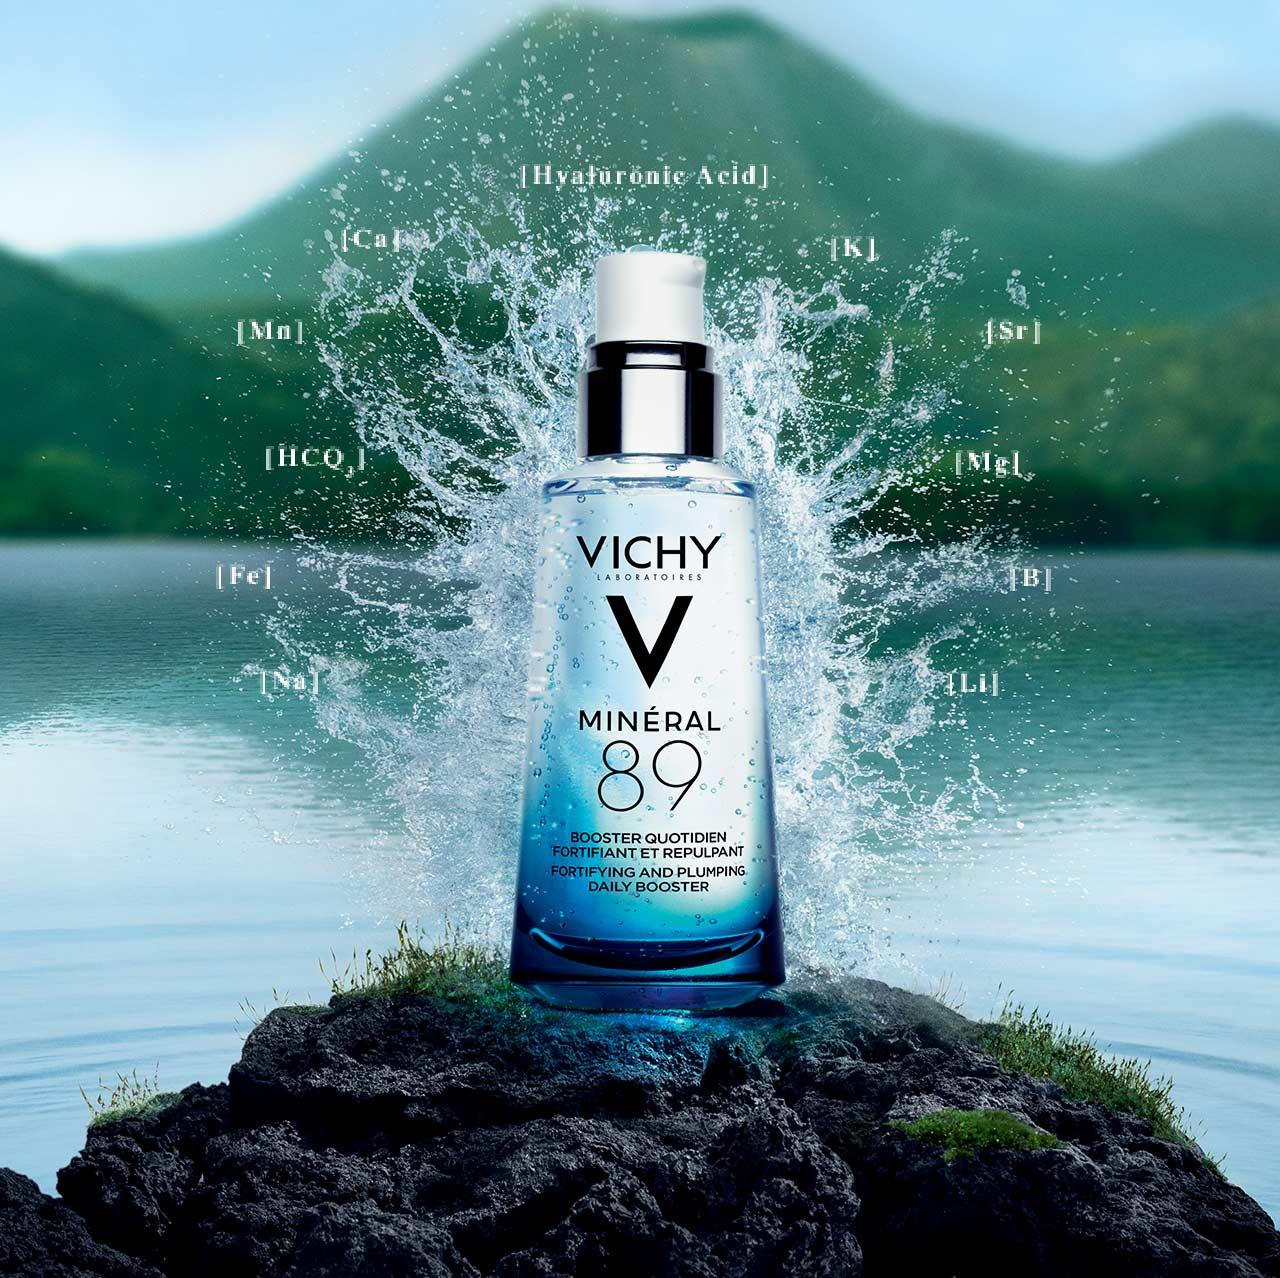 1-vichy-mineral-89-dnevni-booster-za-mocnejso-in-polnejso-kozo-serum-za-obraz-nega-obraza-hijaluronska-kislina